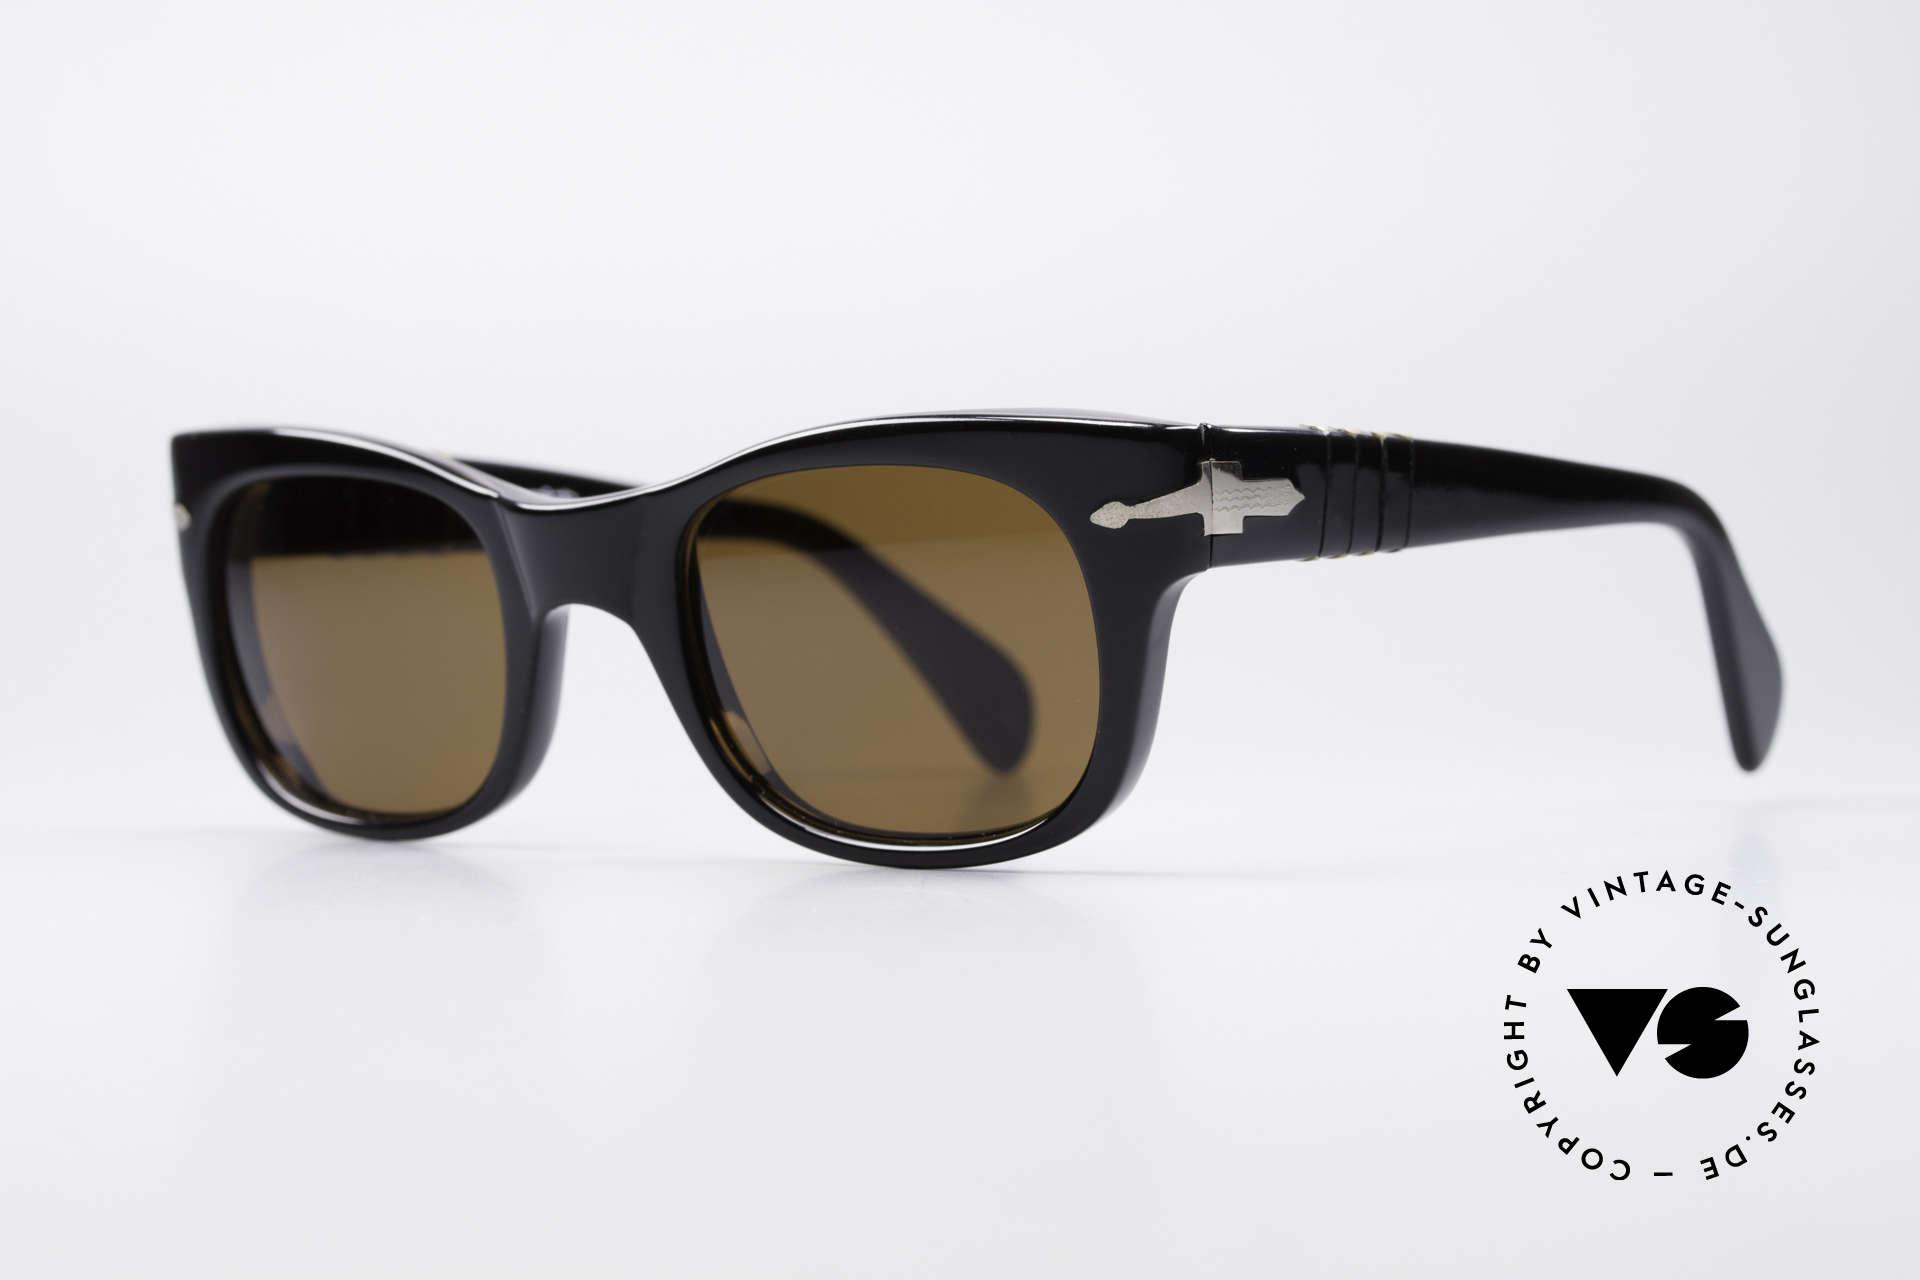 0c94e7c6ac Sunglasses Persol 6201 Ratti Identic 69202 Ratti